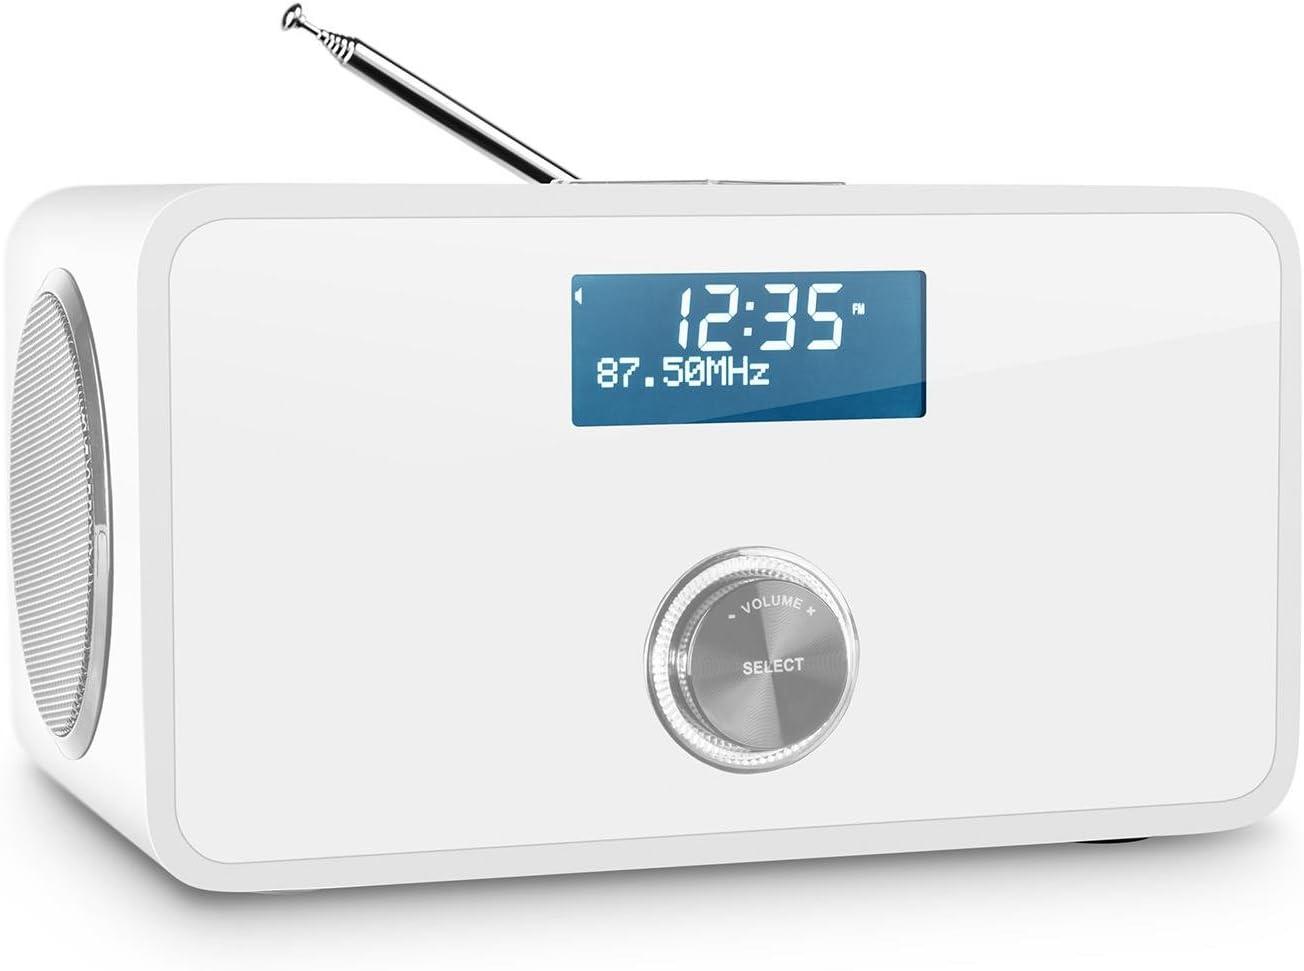 Auna DABStep Radio Digital Dab/Dab+ (Bluetooth, Receptor FM, Despertador,  bassreflex, Pantalla LCD) - Blanco